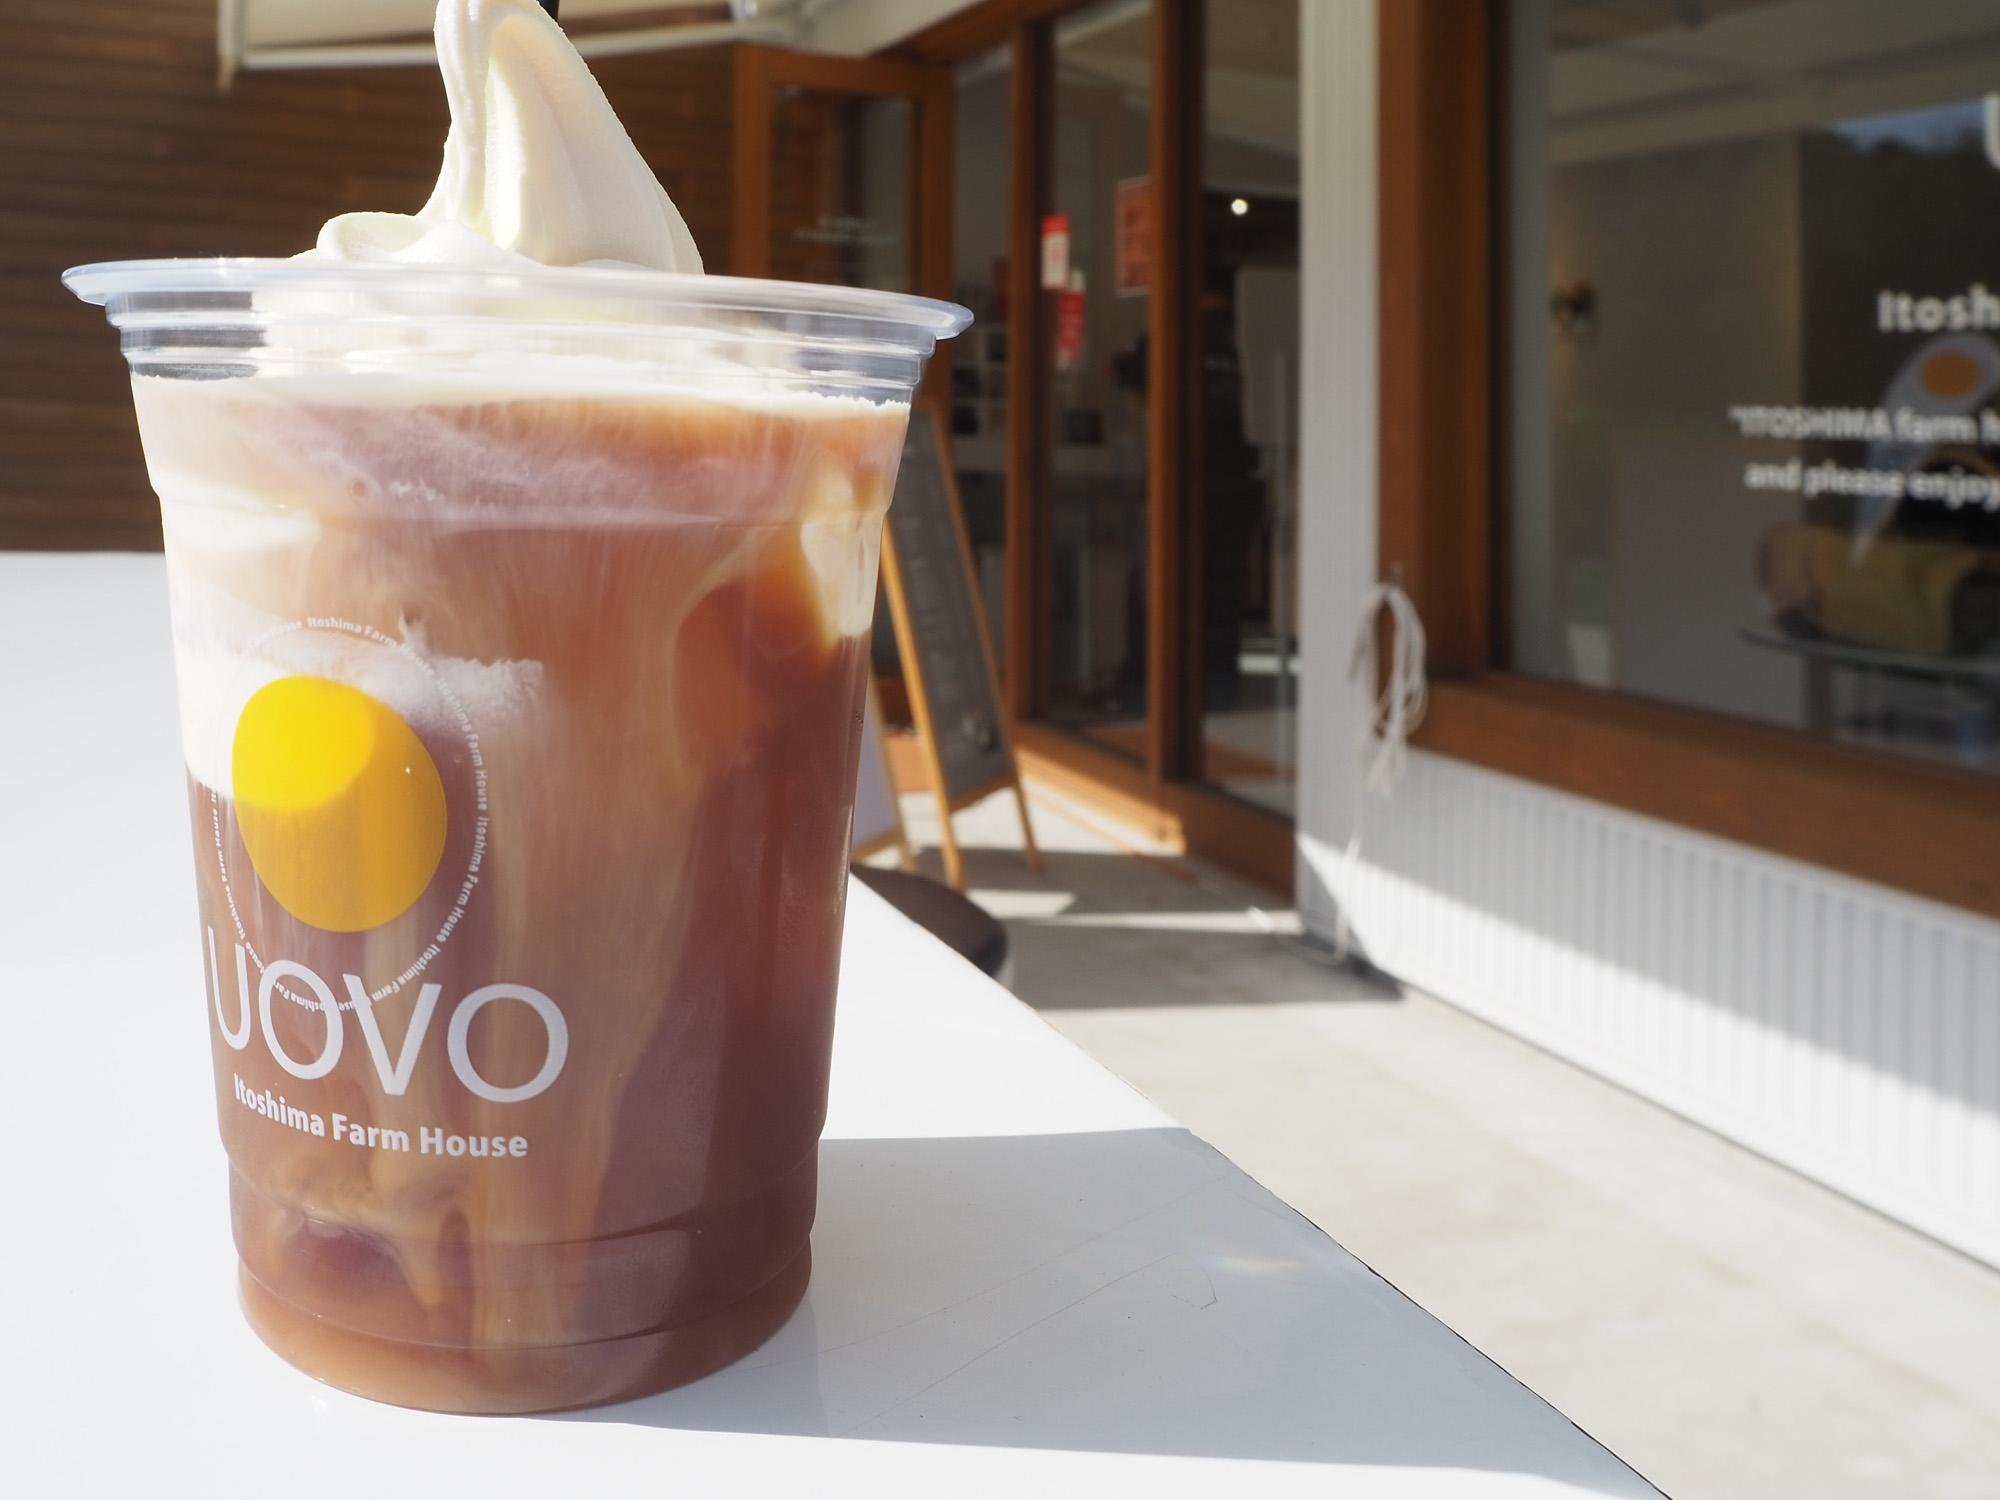 期間限定のコーヒーフロート600円(税込)をいただきました!天井卵を使ったソフトクリームがたっぷりとコーヒーの上にオン。贅沢な時間を堪能します。